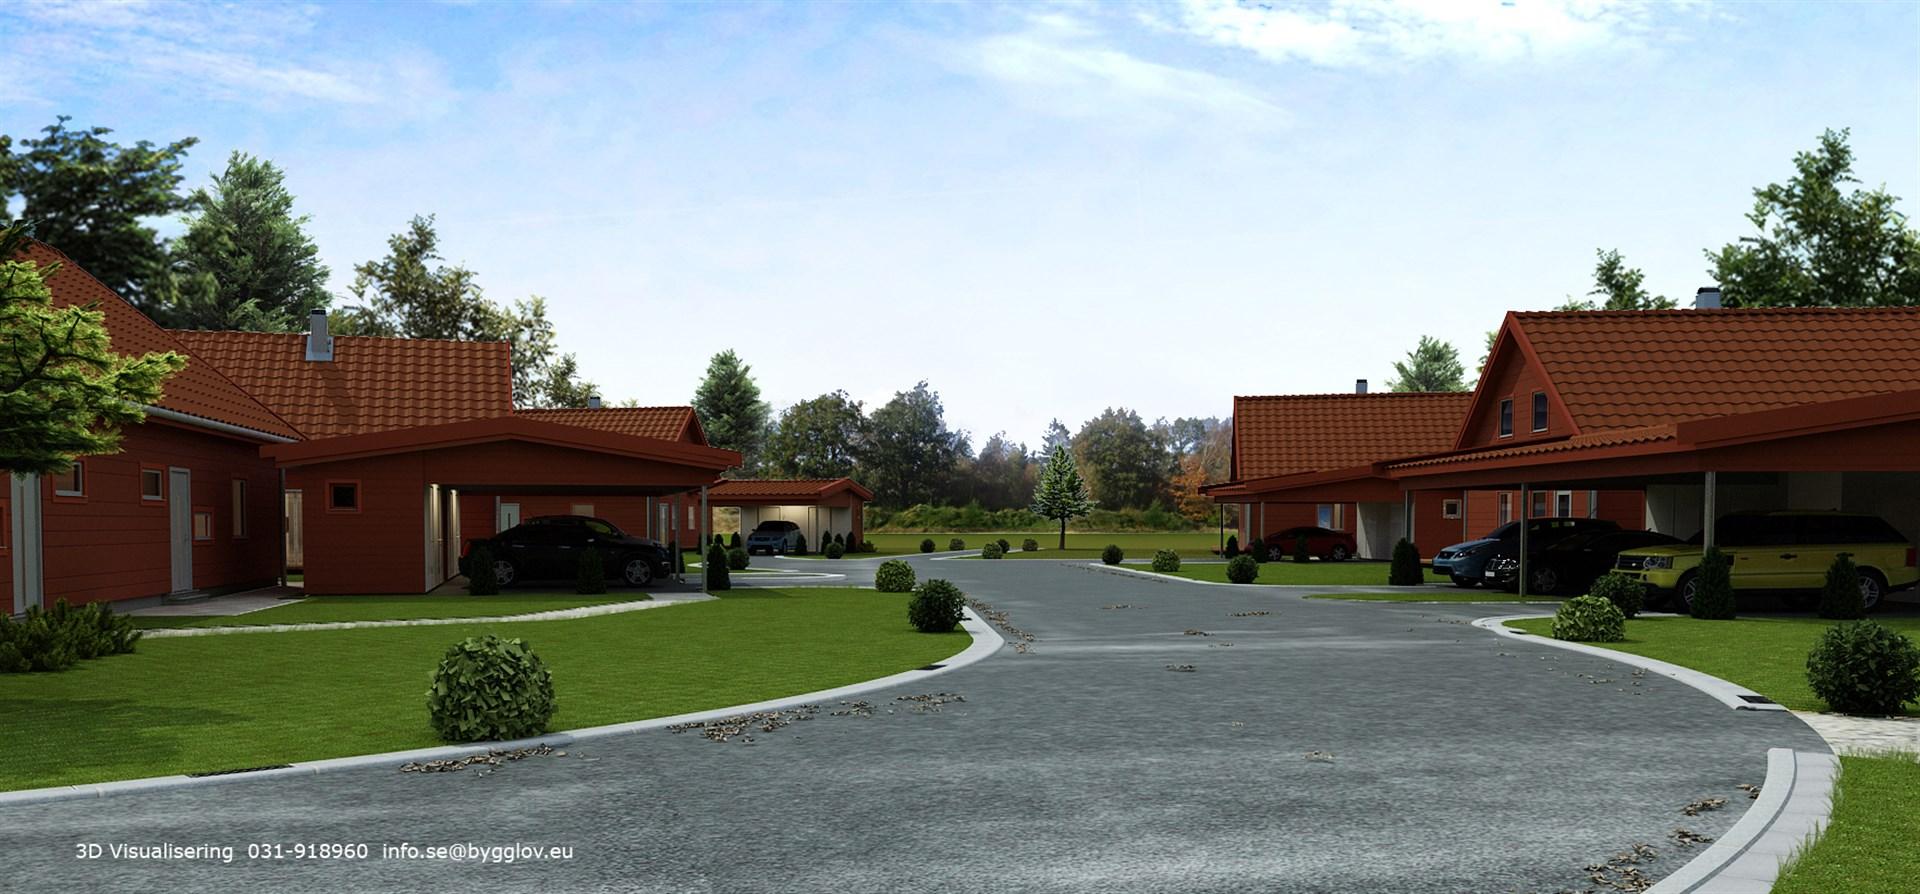 Carportar tillhörande bostadsrätterna på 86m².